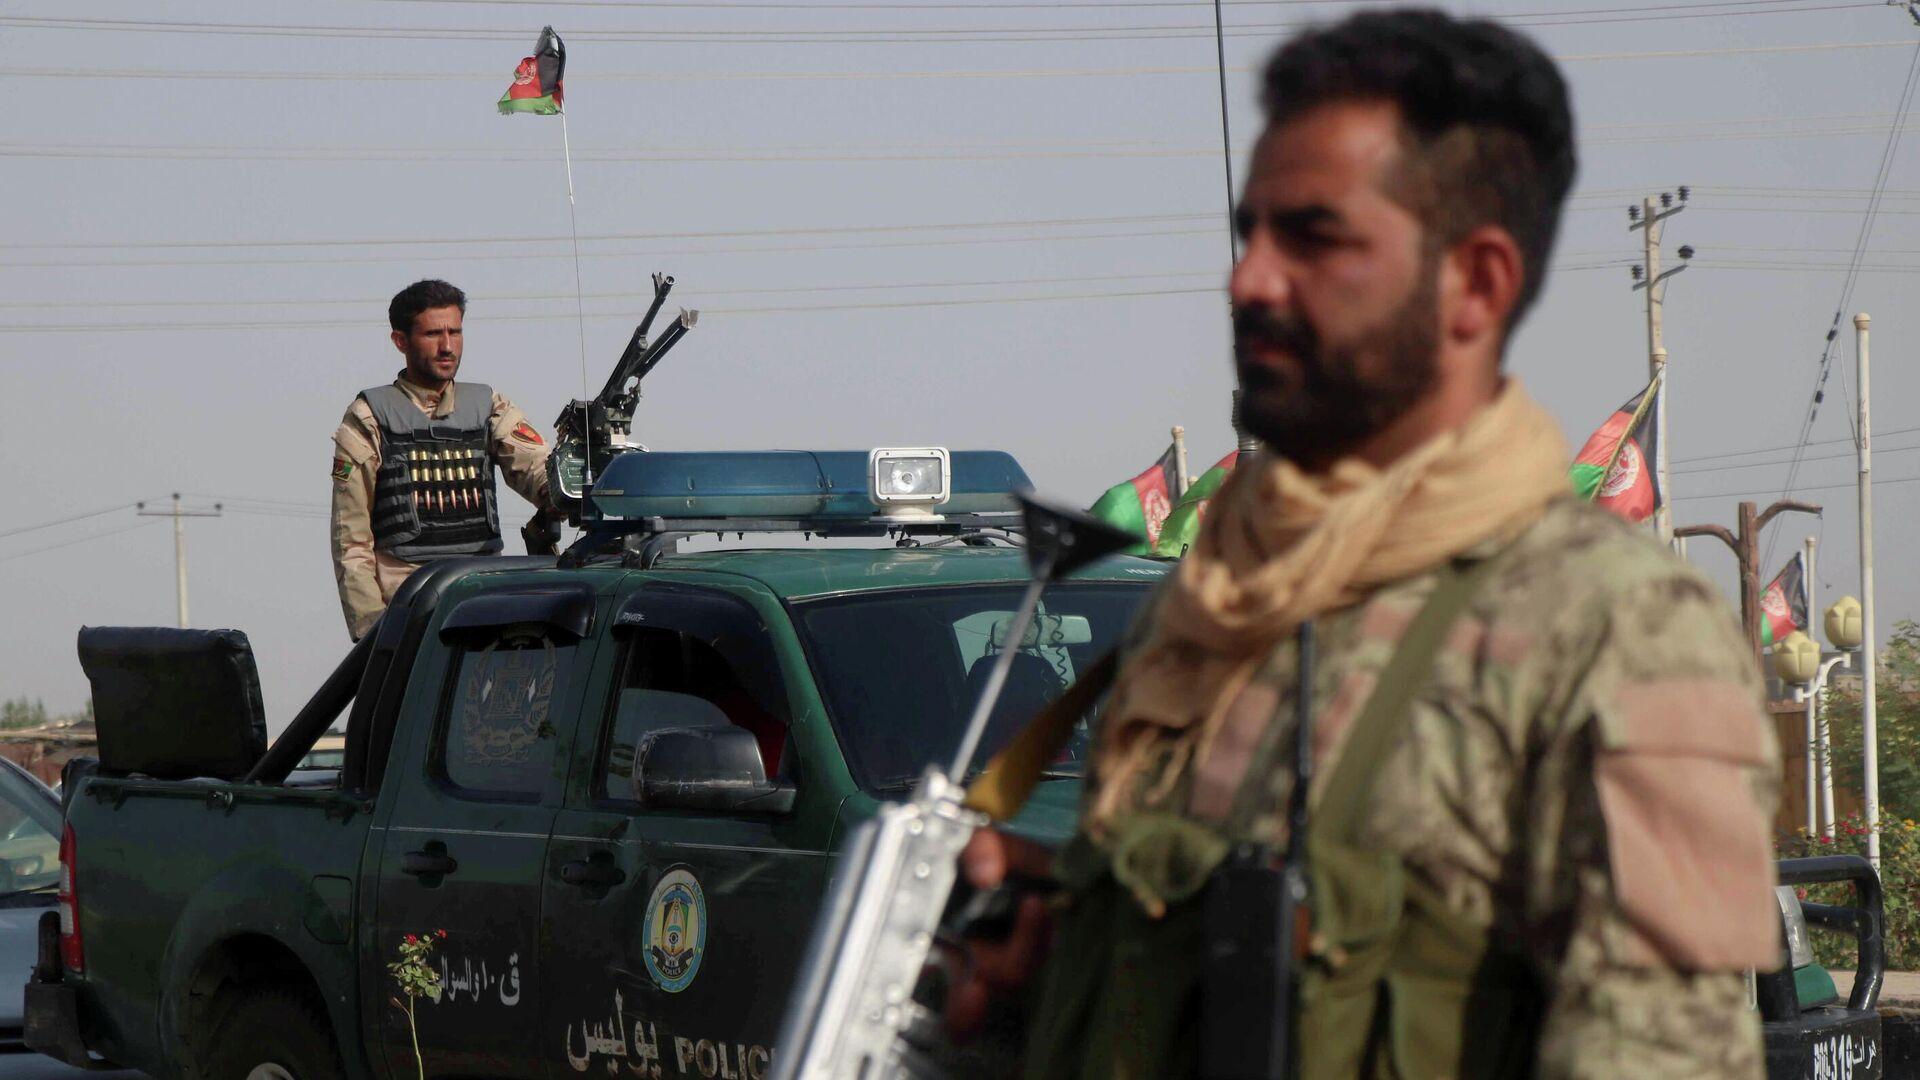 Las fuerzas de seguridad afganas vigilan un puesto de control en el distrito de Guzara de la provincia de Herat, Afganistán, el 9 de julio de 2021 - Sputnik Mundo, 1920, 16.07.2021